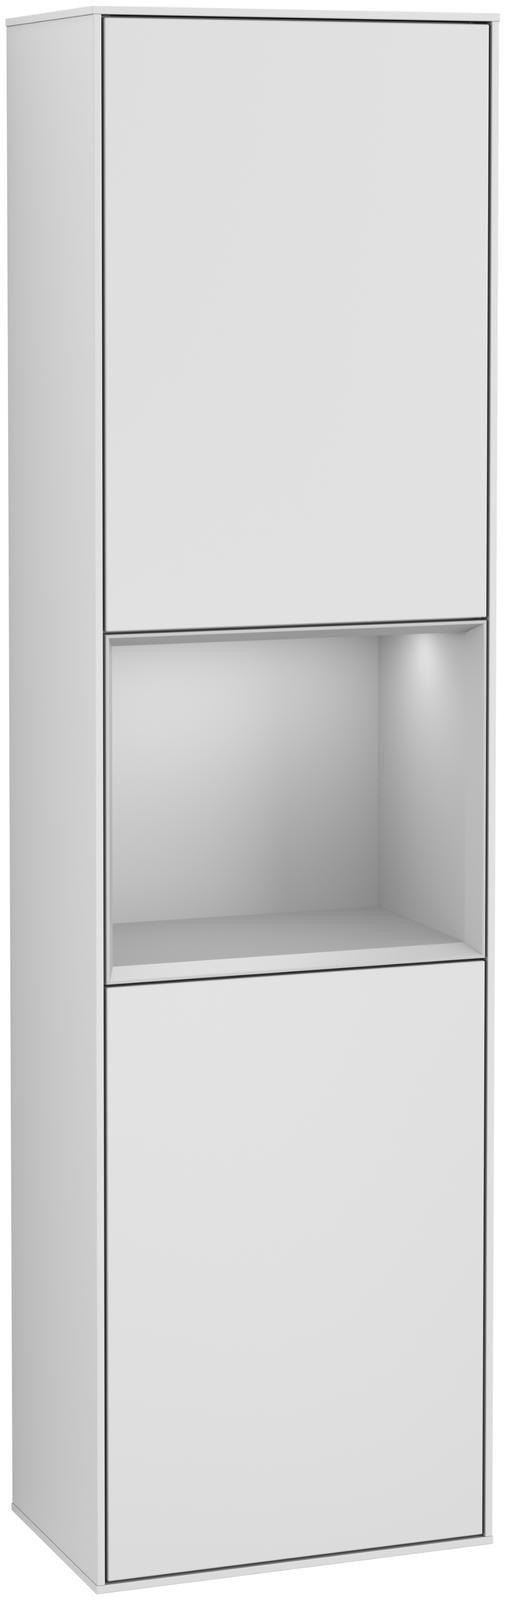 Villeroy & Boch Finion F46 Hochschrank mit Regalelement 2 Türen Anschlag links LED-Beleuchtung B:41,8xH:151,6xT:27cm Front, Korpus: Weiß Matt Soft Grey, Regal: Light Grey Matt F460GJMT